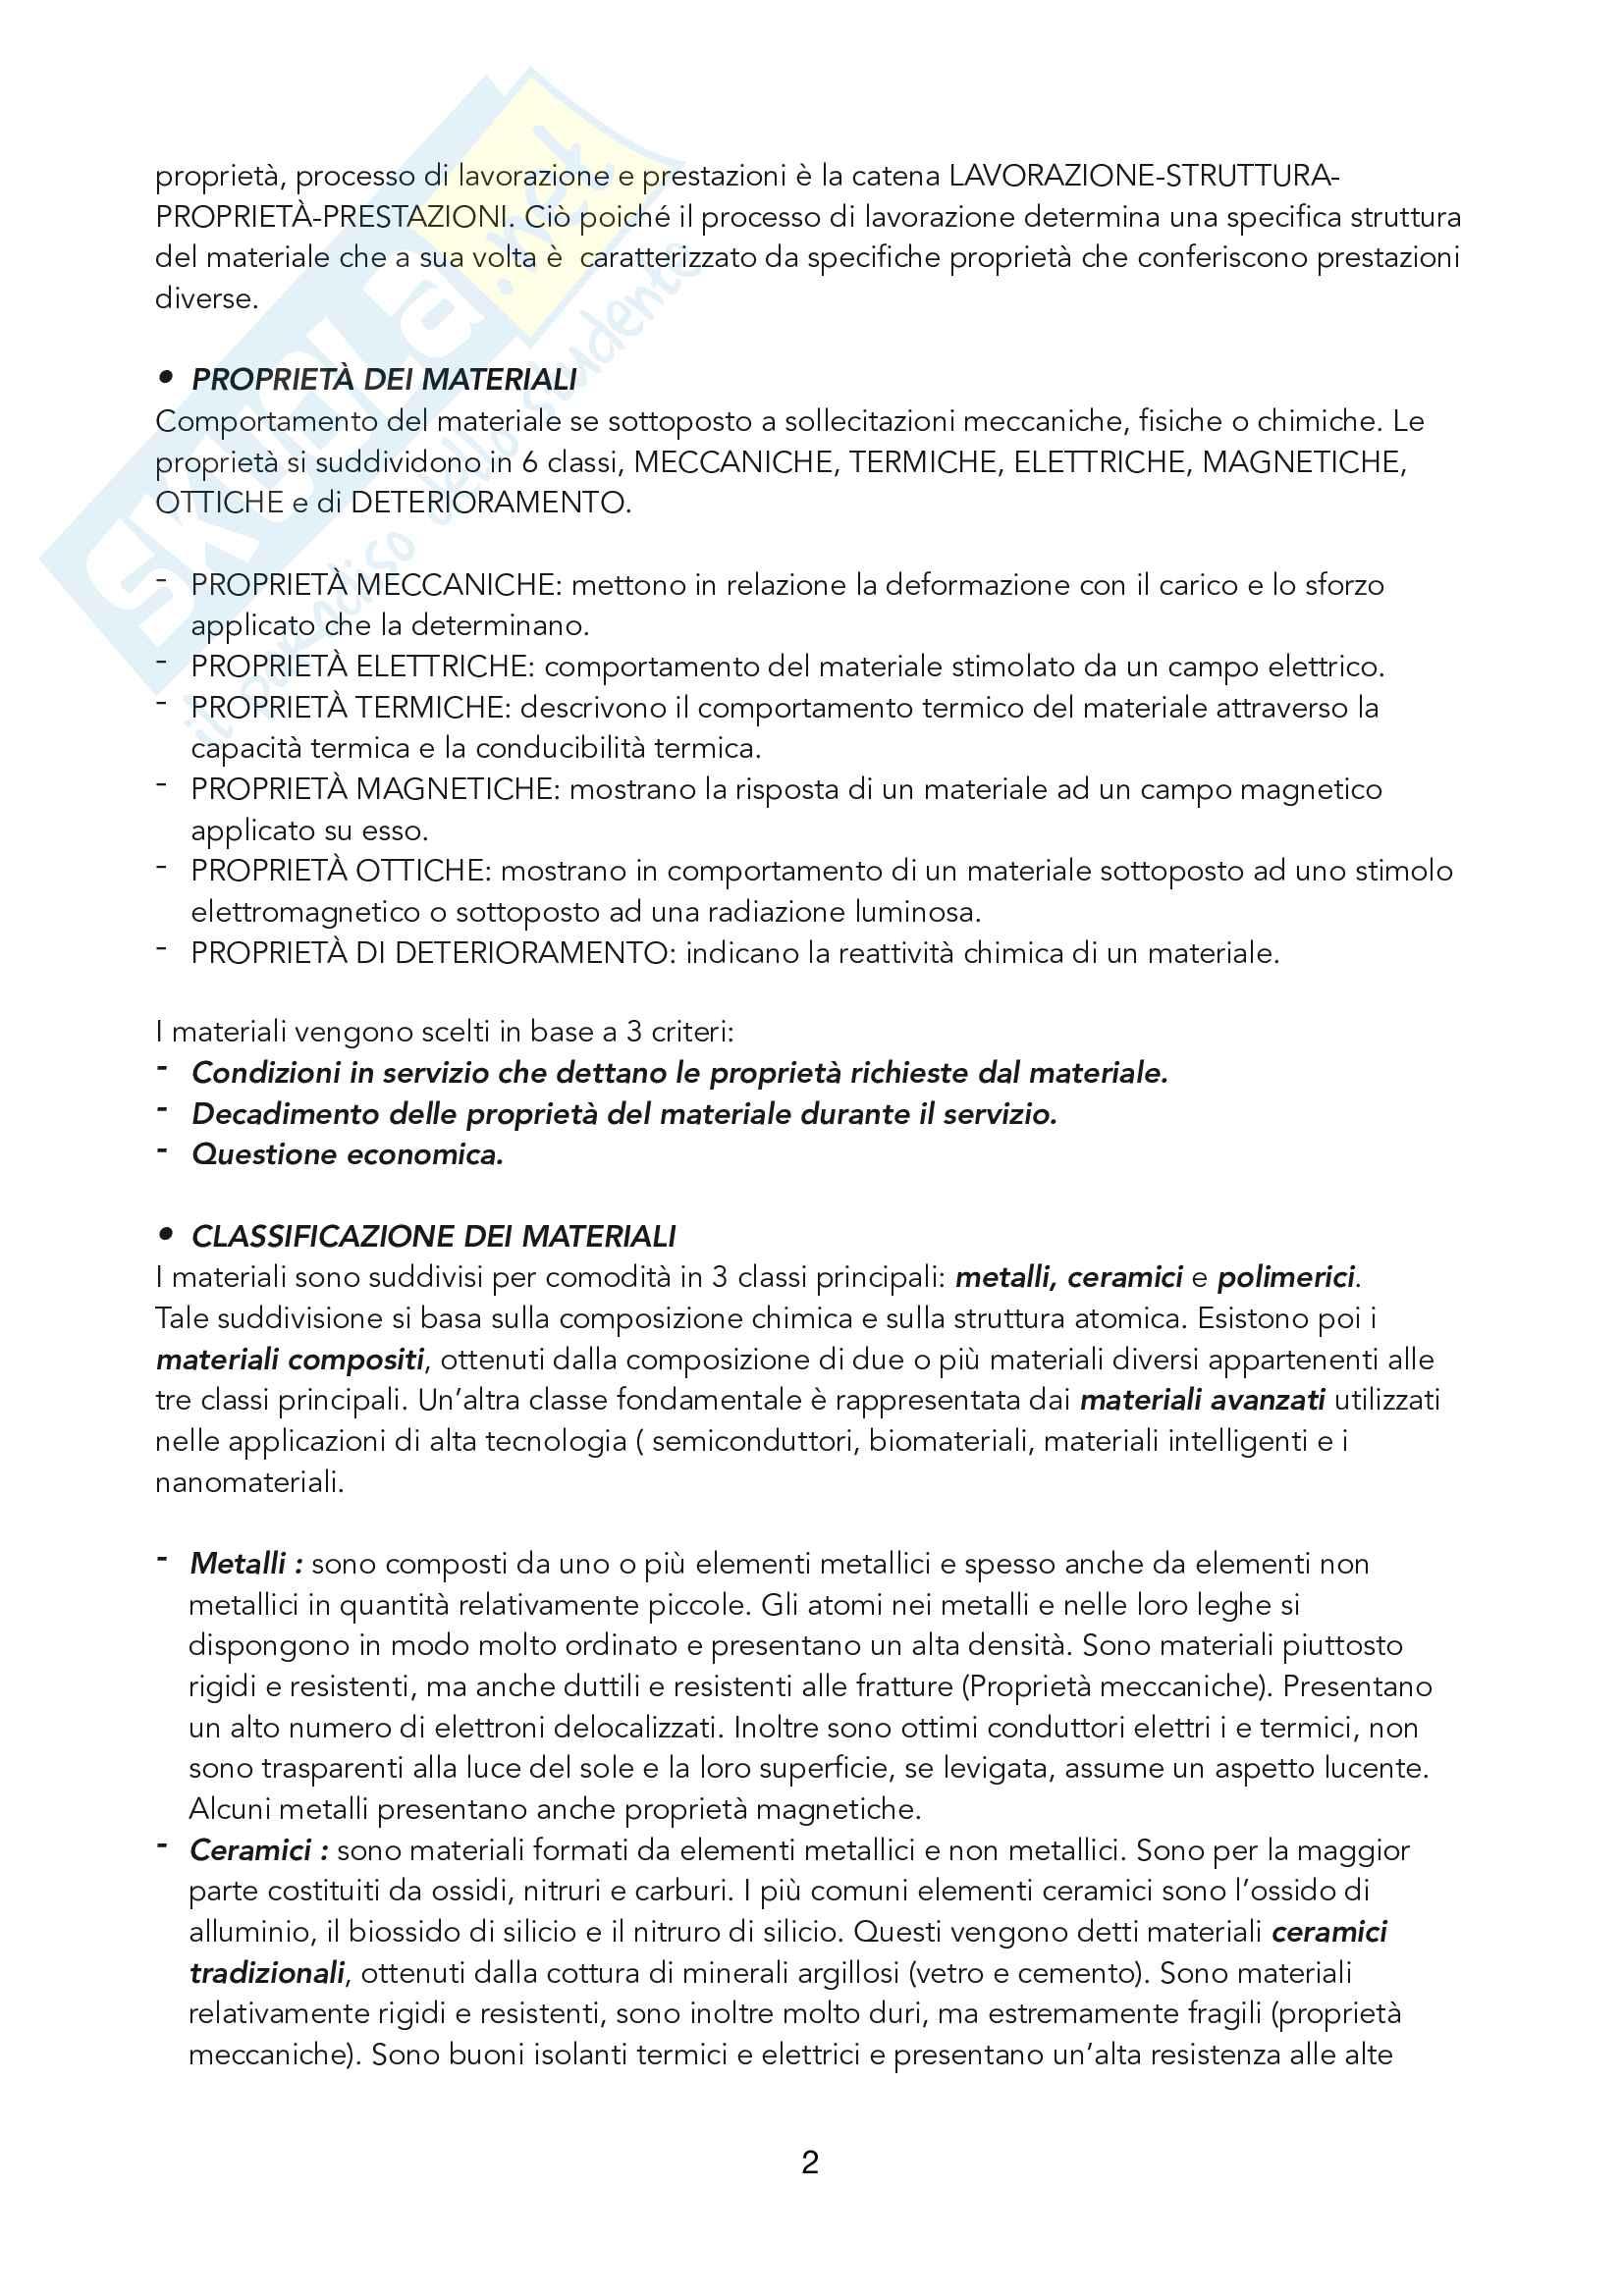 appunti tecnologia dei materiali e chimica applicata Pag. 2